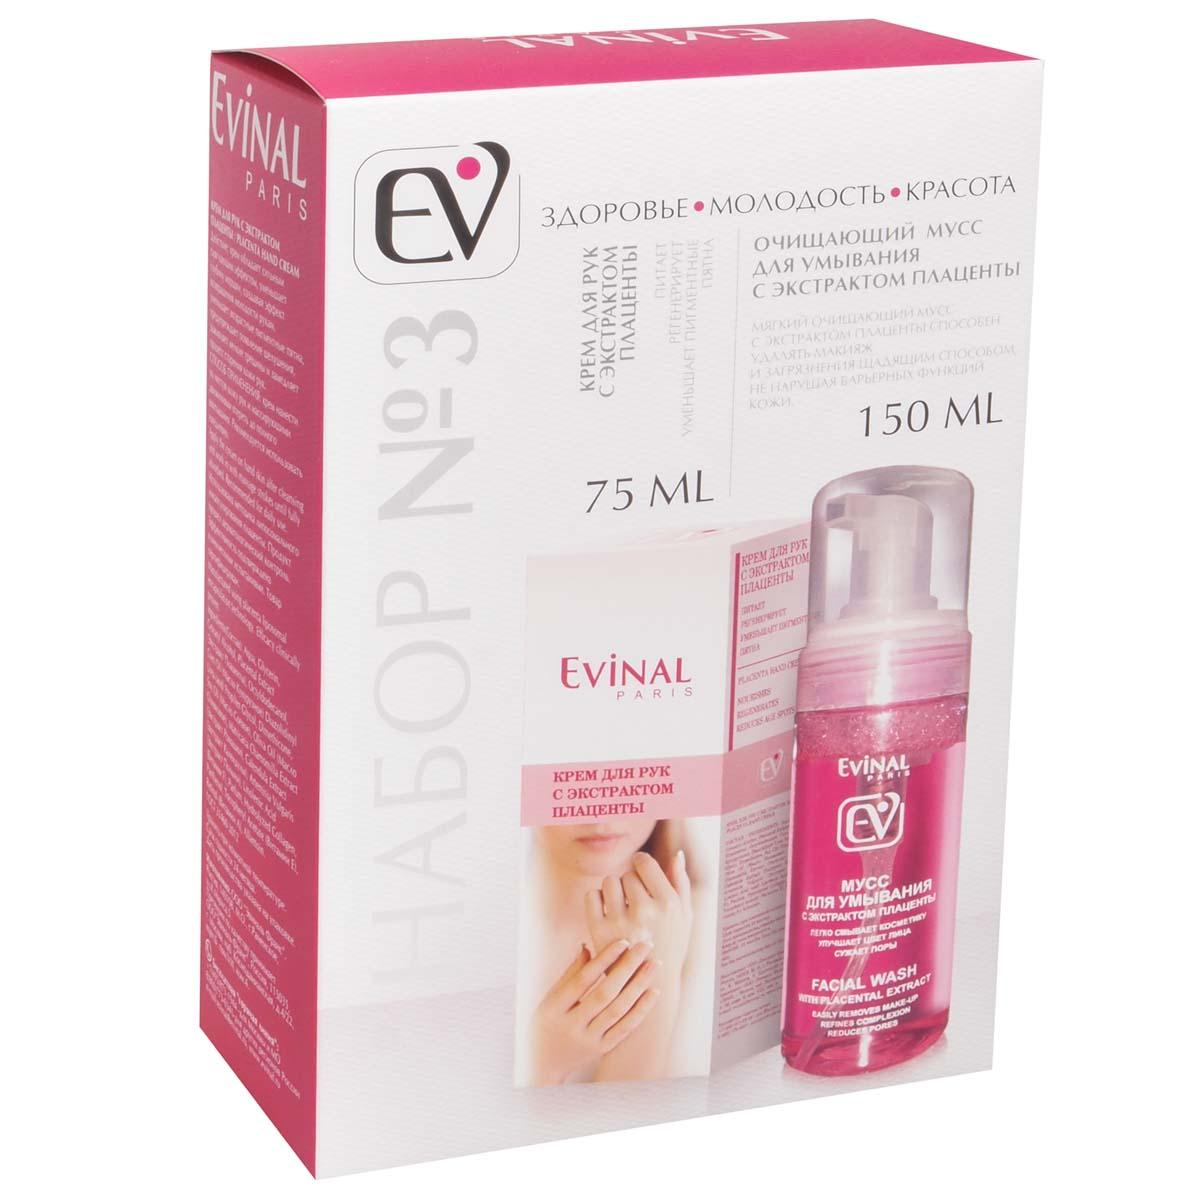 Подарочный набор Evinal №3: Очищающий мусс для умывания с экстрактом плаценты, 150мл.+Крем для рук с экстрактом плаценты, 75мл.0186Подарочный набор №3 (Очищающий мусс для умывания с экстрактом плаценты 150мл.+Крем для рук с экстрактом плаценты 75мл.) в коробке. Состоит из: очищающий мусса для умывания с экстрактом плаценты и крема для рук с экстрактом плаценты. ОЧИЩАЮЩИЙ МУСС ДЛЯ УМЫВАНИЯ С ЭКСТРАКТОМ ПЛАЦЕНТЫМягкий очищающий мусс, разработанный компанией Evinal, способен удалять макияж и загрязнения щадящим способом, не нарушая барьерных функций кожного покрова.Действие: Легко наносится, распределяется и смывается, удаляет без остатка даже стойкий макияж, не вымывает с поверхности кожи необходимые ей эпидермальные липиды, сужает поры, улучшает цвет лица.Способ применения: Небольшое количество мусса нанести на ладонь, вспенить, осторожно массируя, нанести на влажную кожу, затем смыть теплой водой. Использовать утром и вечером. Избегать попадания в глаза.Основные активные вещества: Эkcтракт Плаценты, Пантенол, Токоферил Ацетат, Эkcтракт Ромашки, Масло Герани. Срок годности 30 месяцев. КРЕМ ДЛЯ РУК С ЭКСТРАКТОМ ПЛАЦЕНТЫ Предназначен для ежедневного ухода за кожей рук. Крем содержит экстракт плаценты, который питает, увлажняет, регенерирует кожу, обеспечивая омоложение и максимальную защиту от воздействия вредных факторов окружающей среды.Крем обладает сильным смягчающим эффектом, тонизирует и освежает кожу рук, уменьшает глубину морщин, создавая эффект возвращения молодости рукам, уменьшает возрастные пигментные пятна, предупреждает появление шелушения, заживляет мелкие трещины и замедляет процесс старения кожи рук.Способ применения: крем нанести на чистую кожу рук и массирующими движениями втереть до полного впитывания. Рекомендуется использовать ежедневно.Основные активные вещества: Экстракт плаценты, Масло кукурузное, Масло соевое, Масло оливковое, Экстракт ромашки, Экстракт календулы, Экстракт подорожника, Экстракт полыни, Витамины F, Е, А, Д-пантенол.Хранить при 